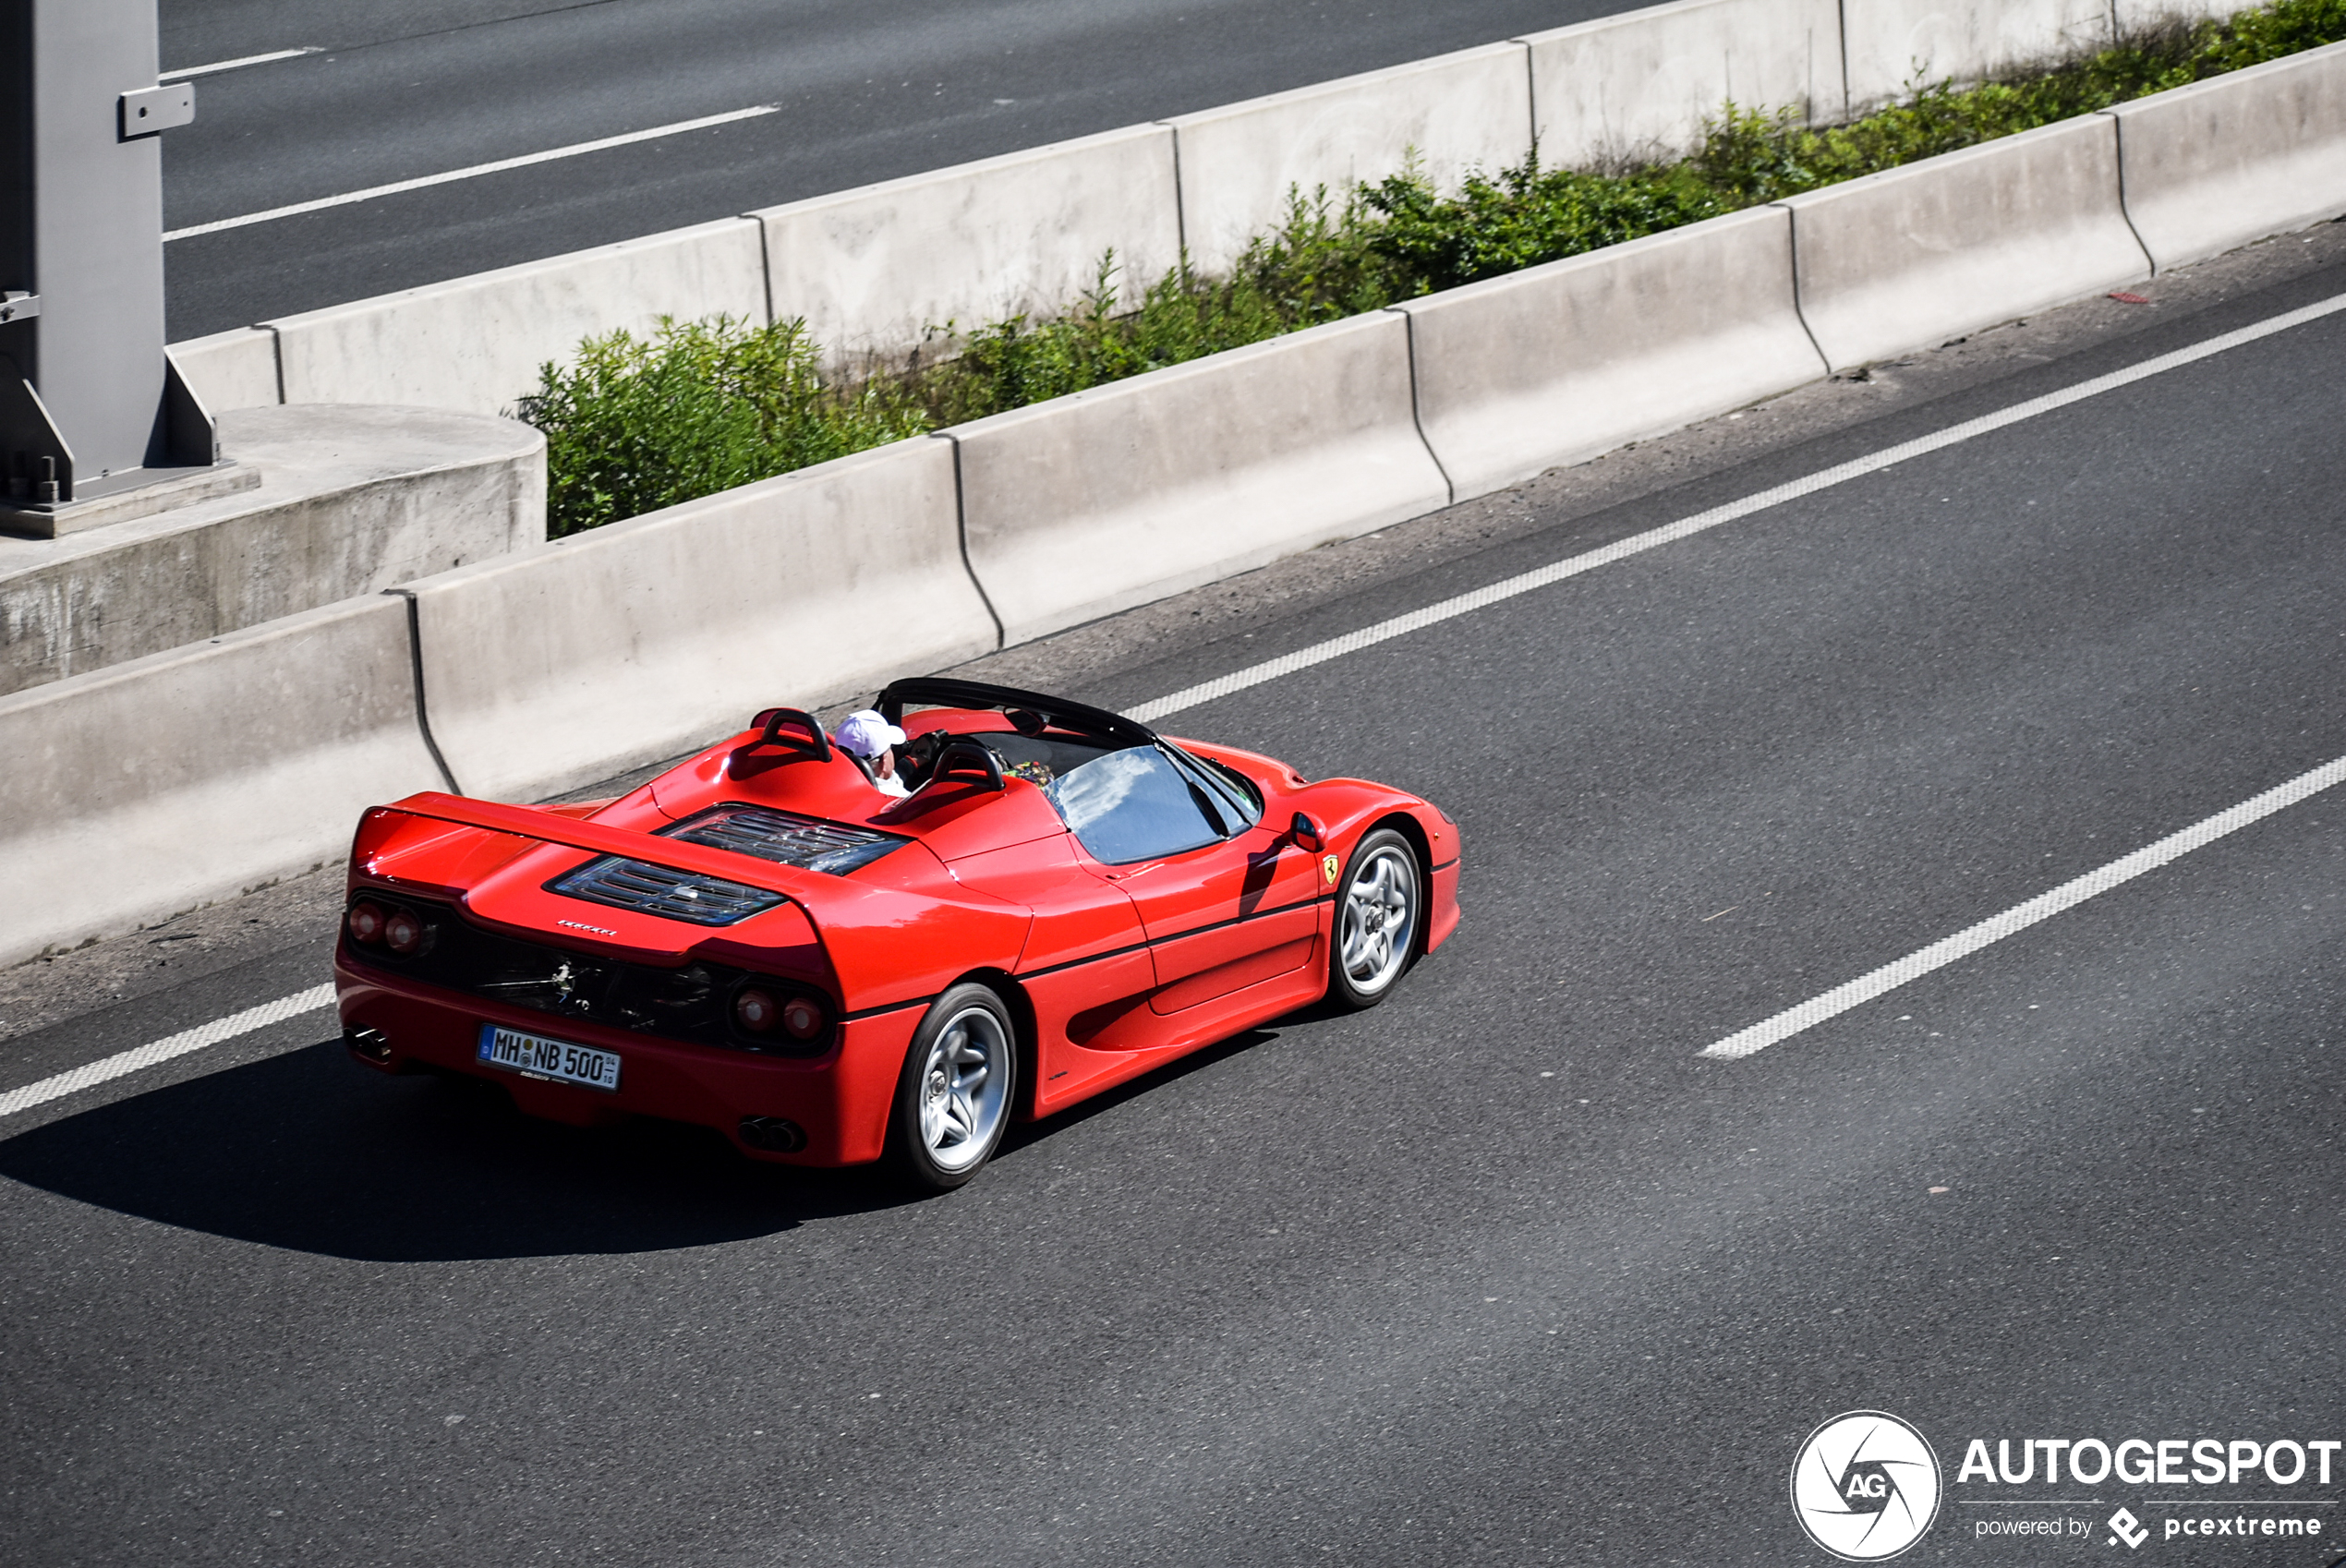 Ferrari F50 wordt al meer dan veertien jaar vertroeteld door zelfde eigenaar